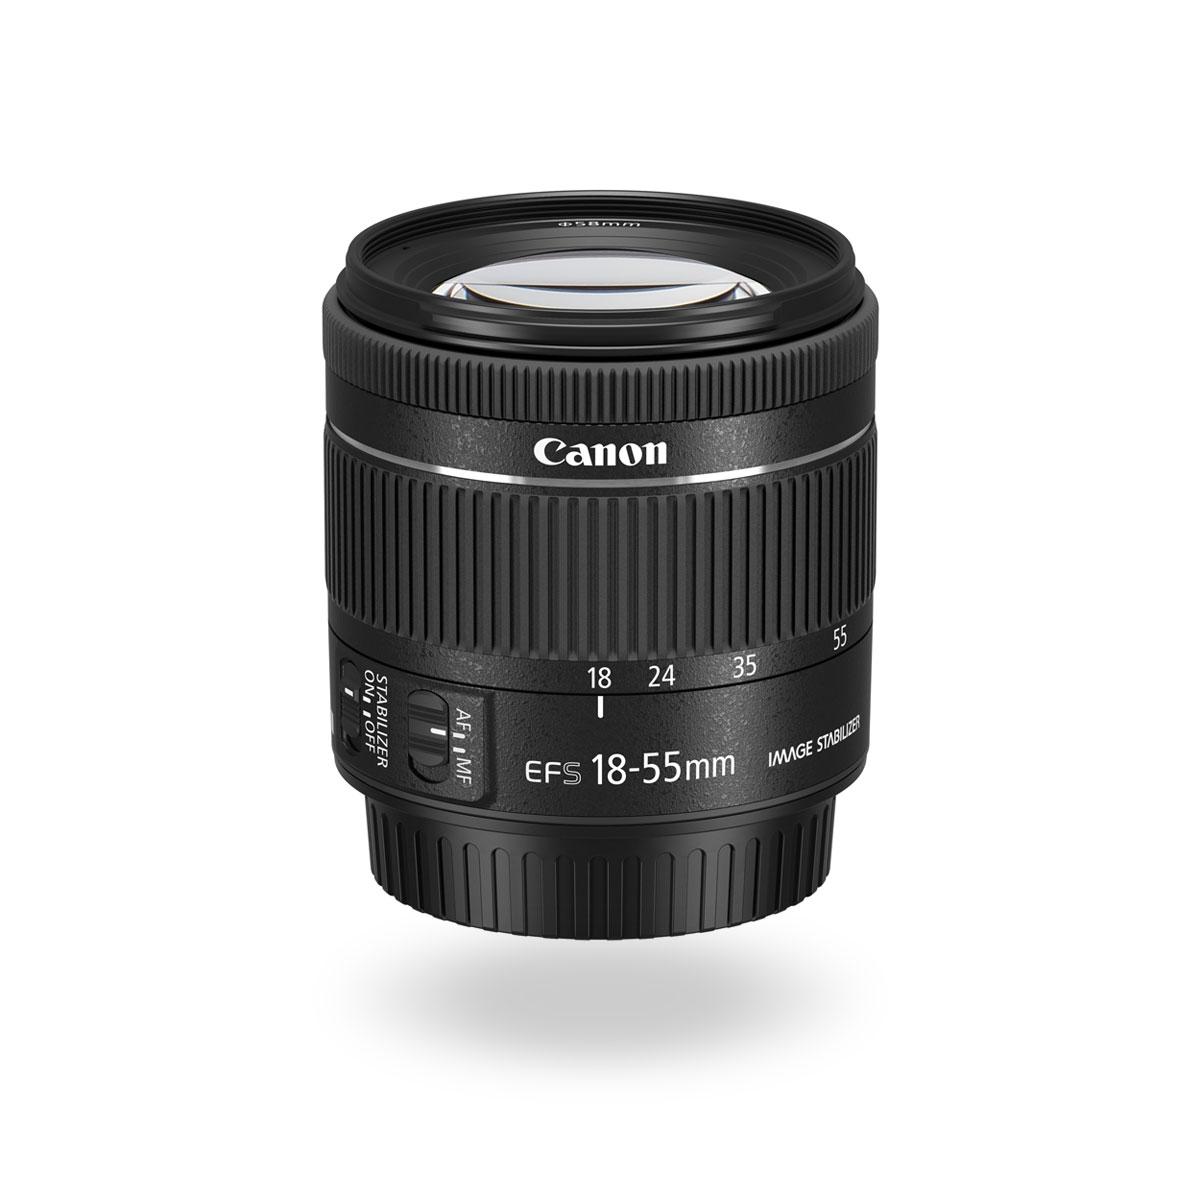 EF-S 18-55mm f/4-5.6 IS STM lens